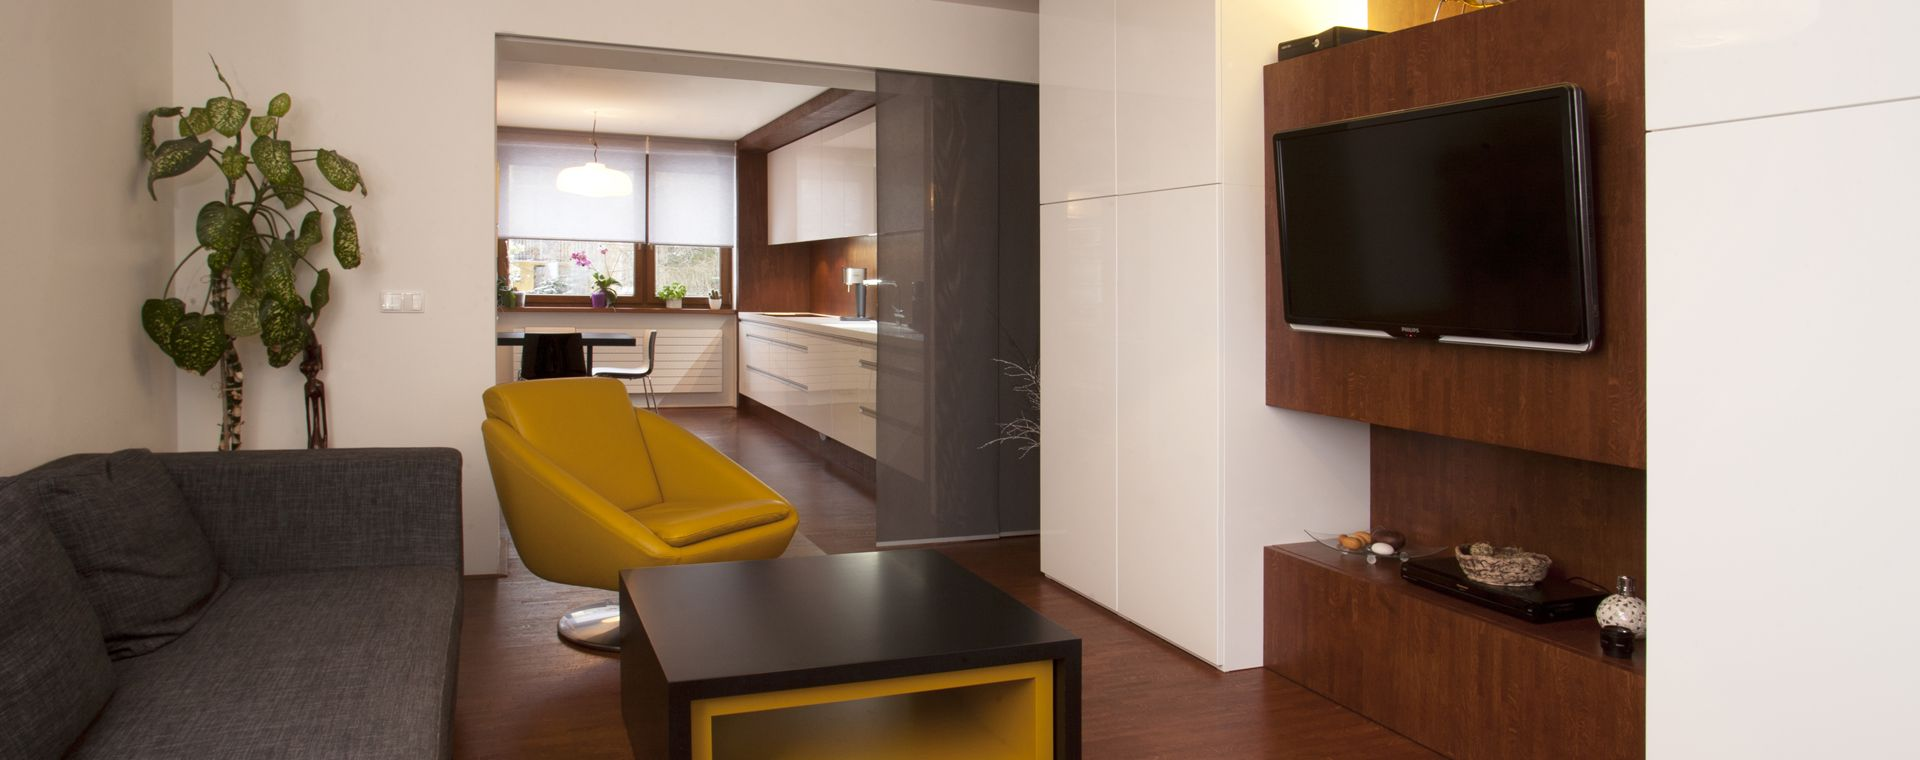 Návrh interieru bytu ve Žďáru nad Sázavou, Kraj Vysočina, 2011-2012, CZ